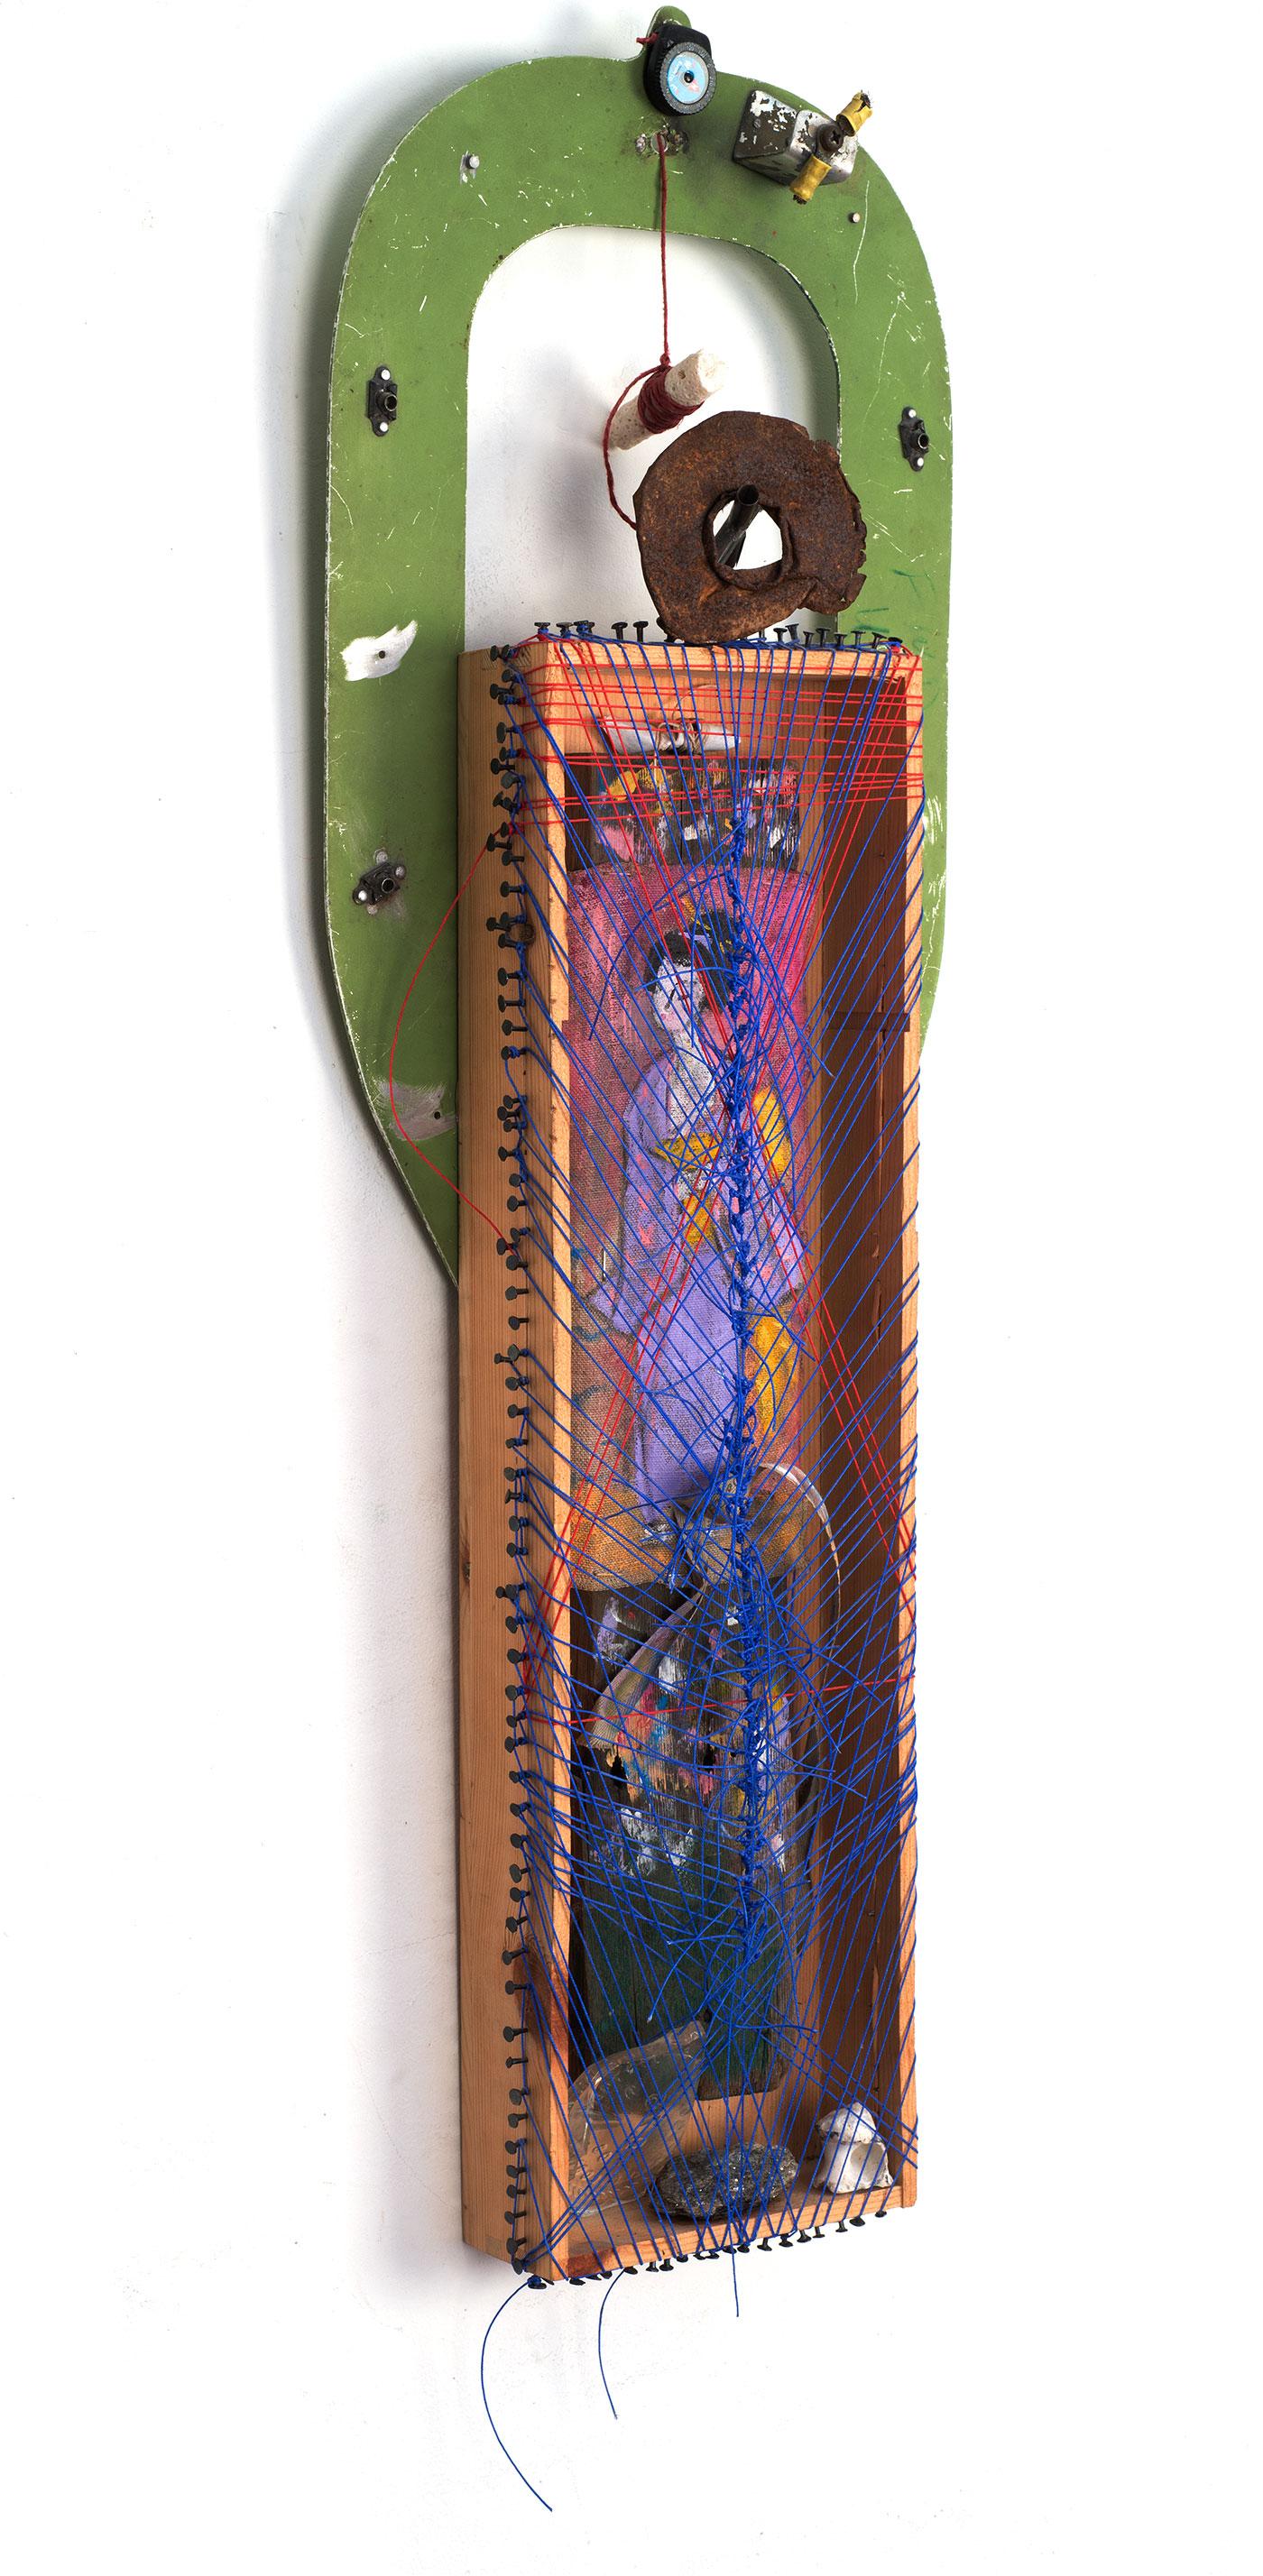 कलाकार लुसी लियू द्वारा विभिन्न सामग्रियों के साथ बनाई गई आयताकार मूर्तिकला।